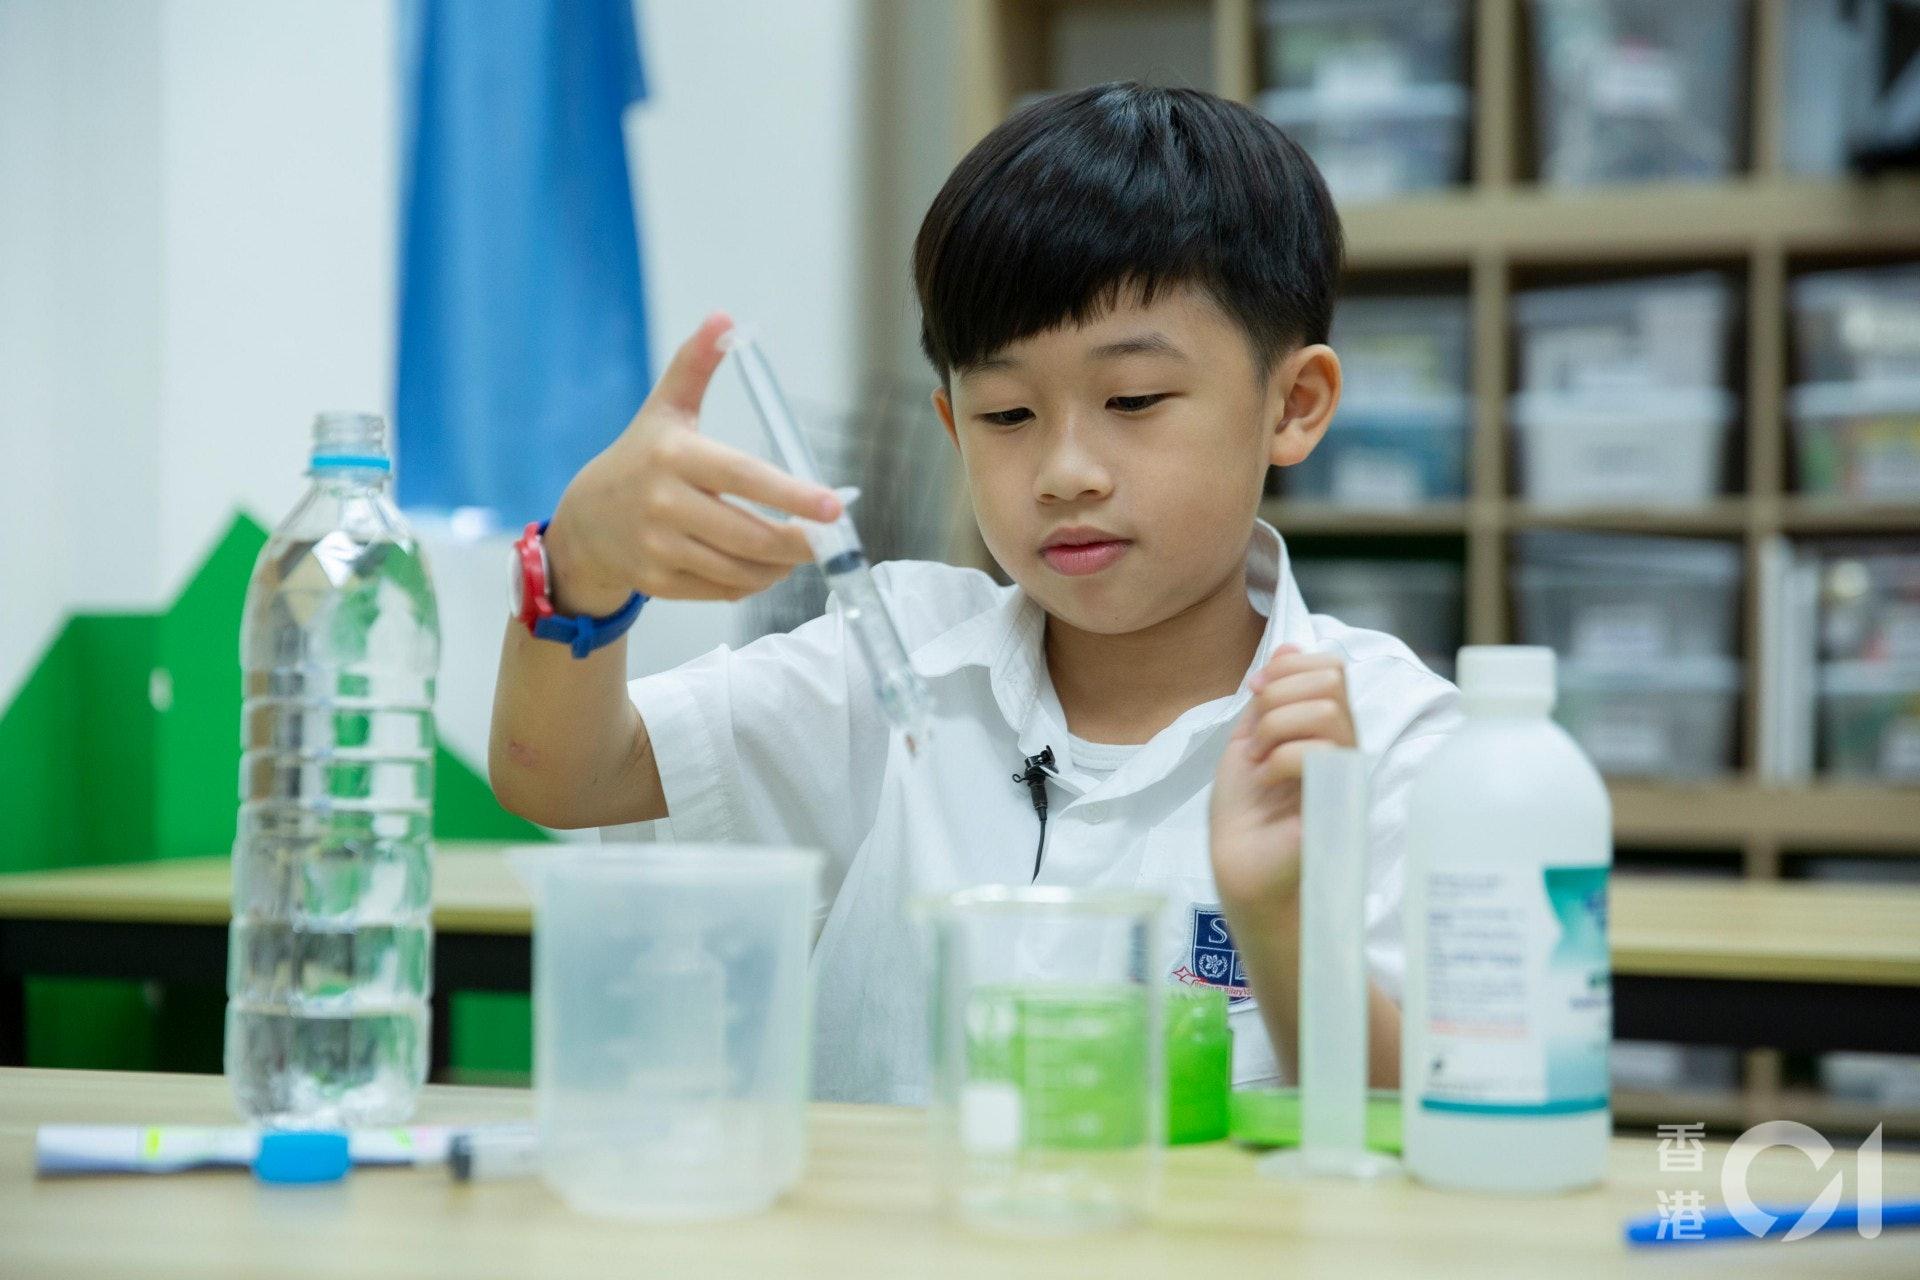 小一學生全佑男:「留咗屋企幾個月,好悶,希望可以見返同學或者老師。」(龔嘉盛攝)